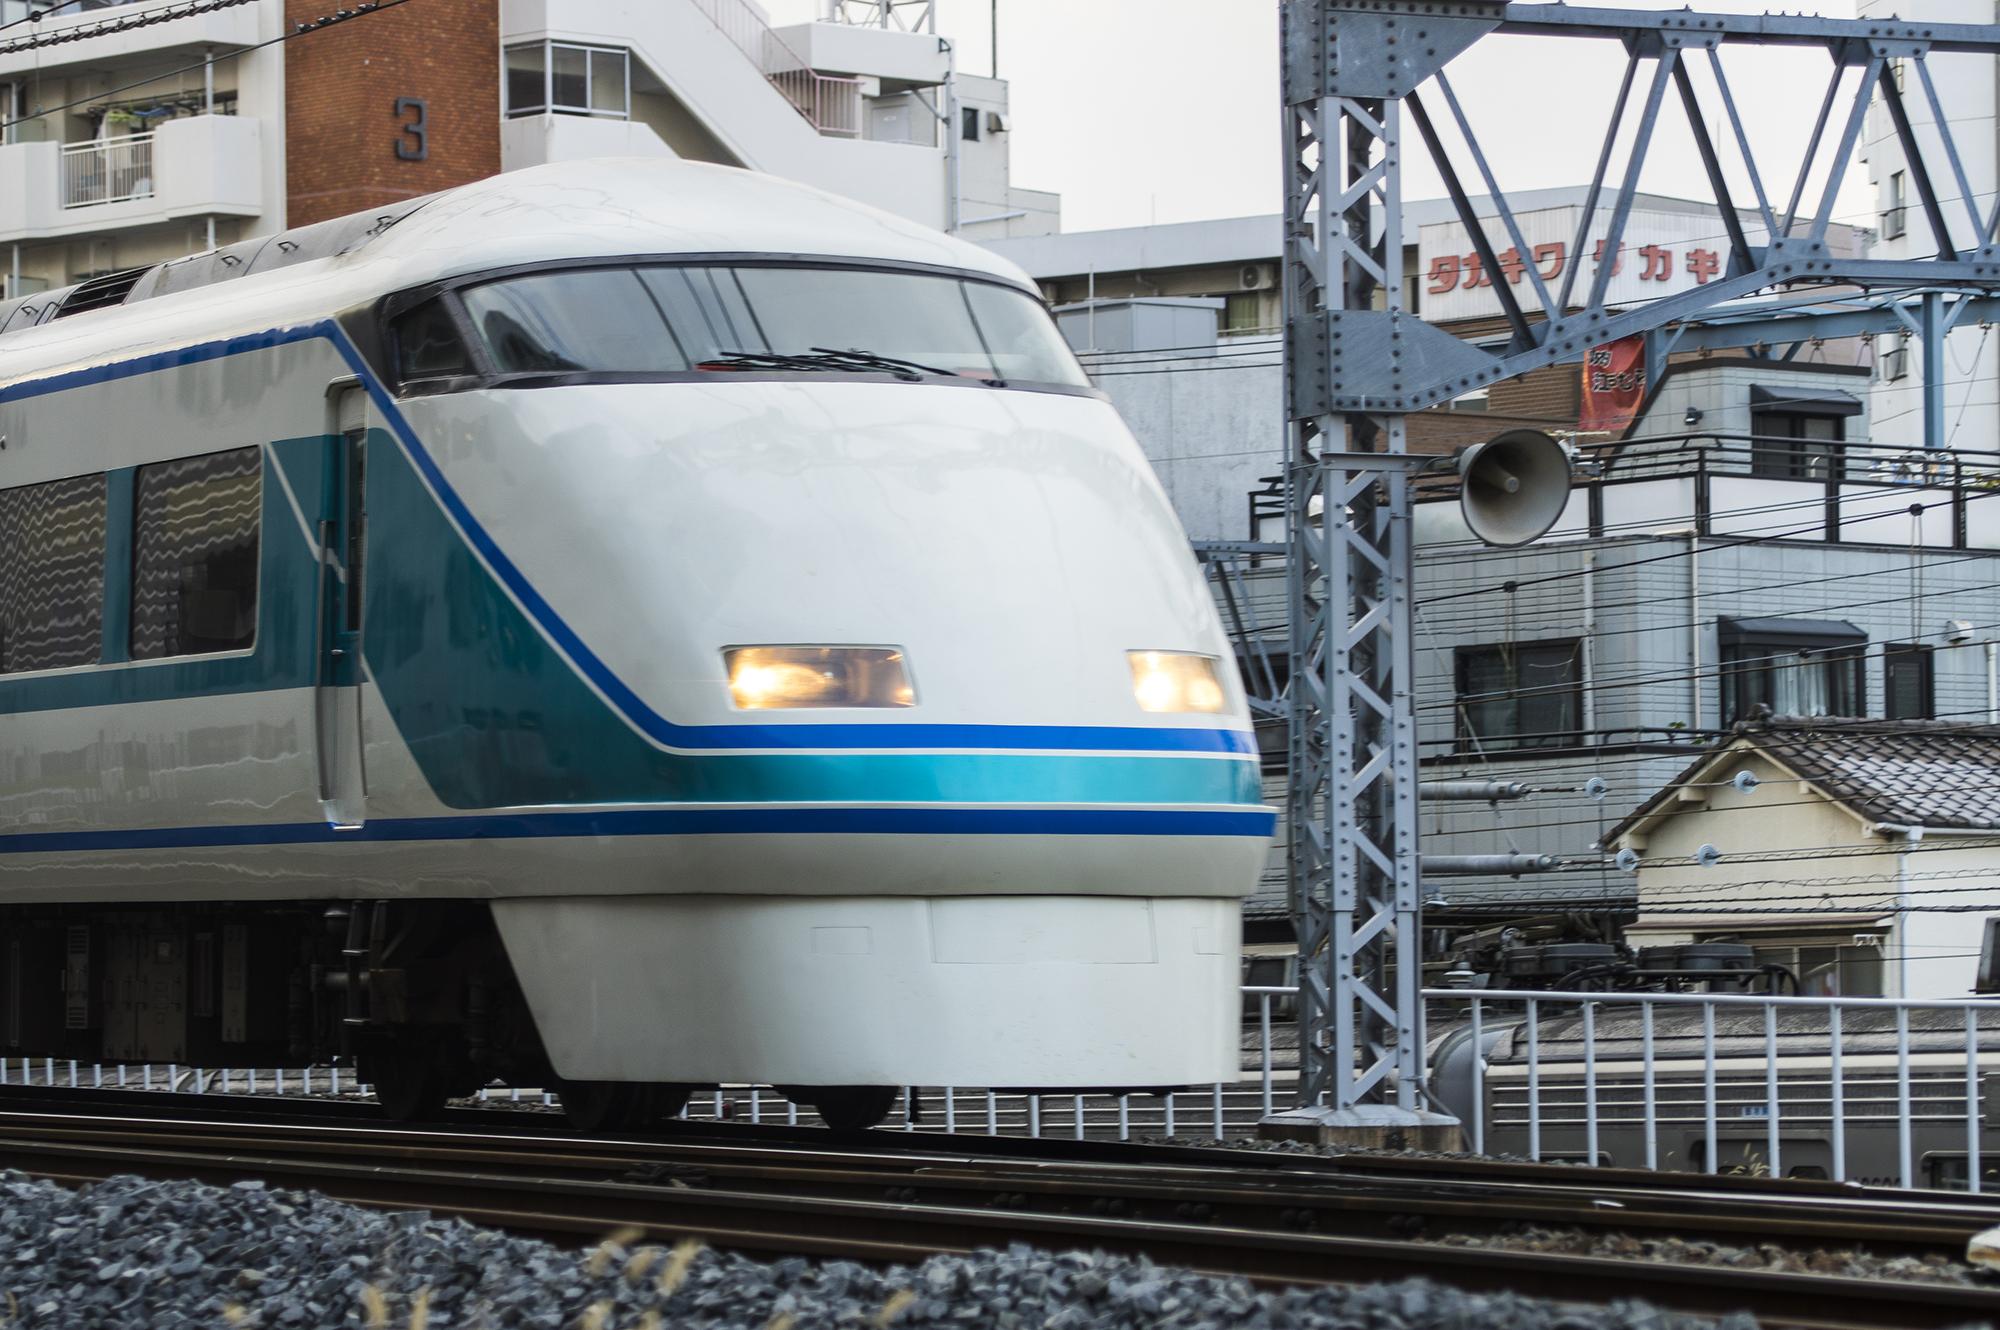 東武鉄道に格安で乗る方法をご紹介します